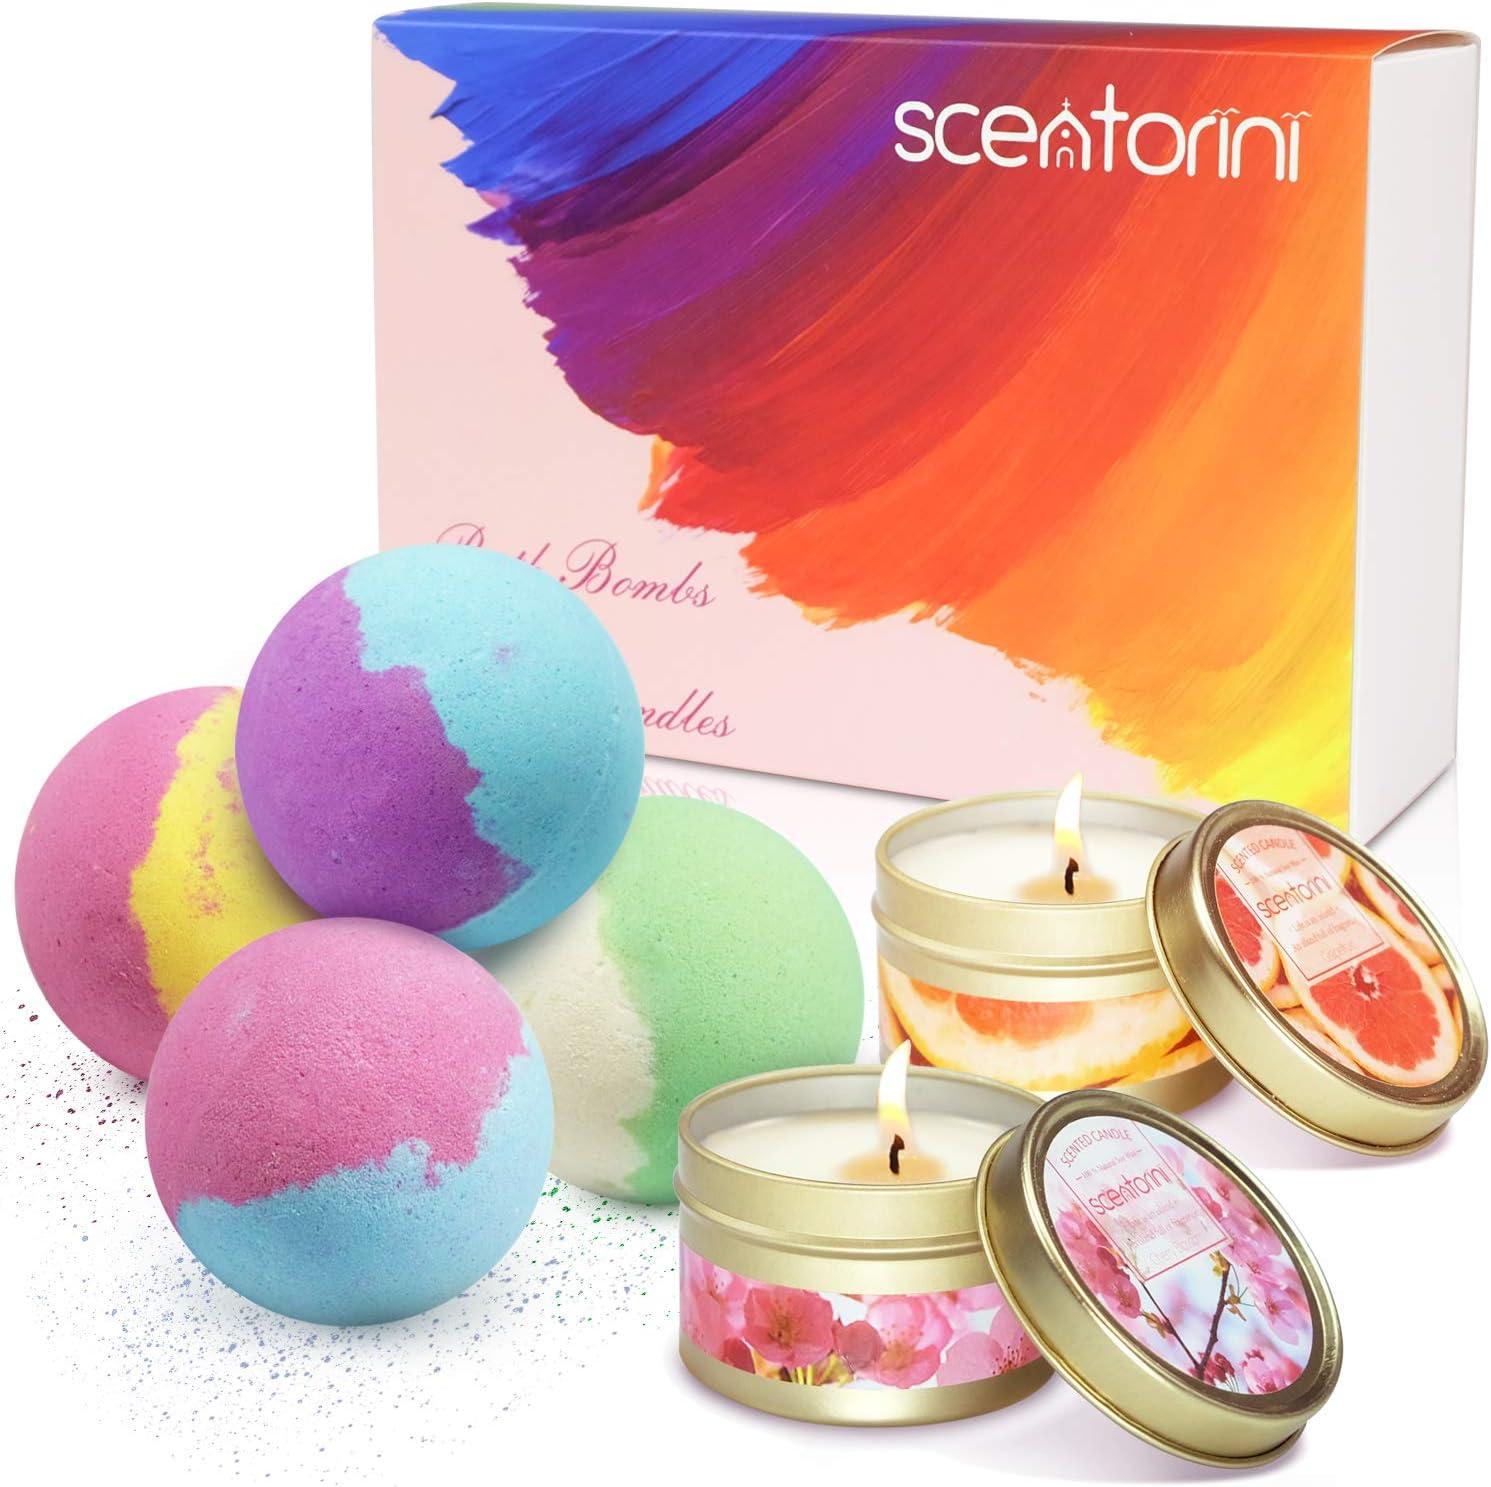 SCENTORINI Set de regalo Bath Bombs x Scented Candles, Bath Ball Natural Spa Kit para el cuidado y la relajación de la piel (4 x 118 g Bath Bombs + 2 x 75 g Velas perfumadas de cera de soja)